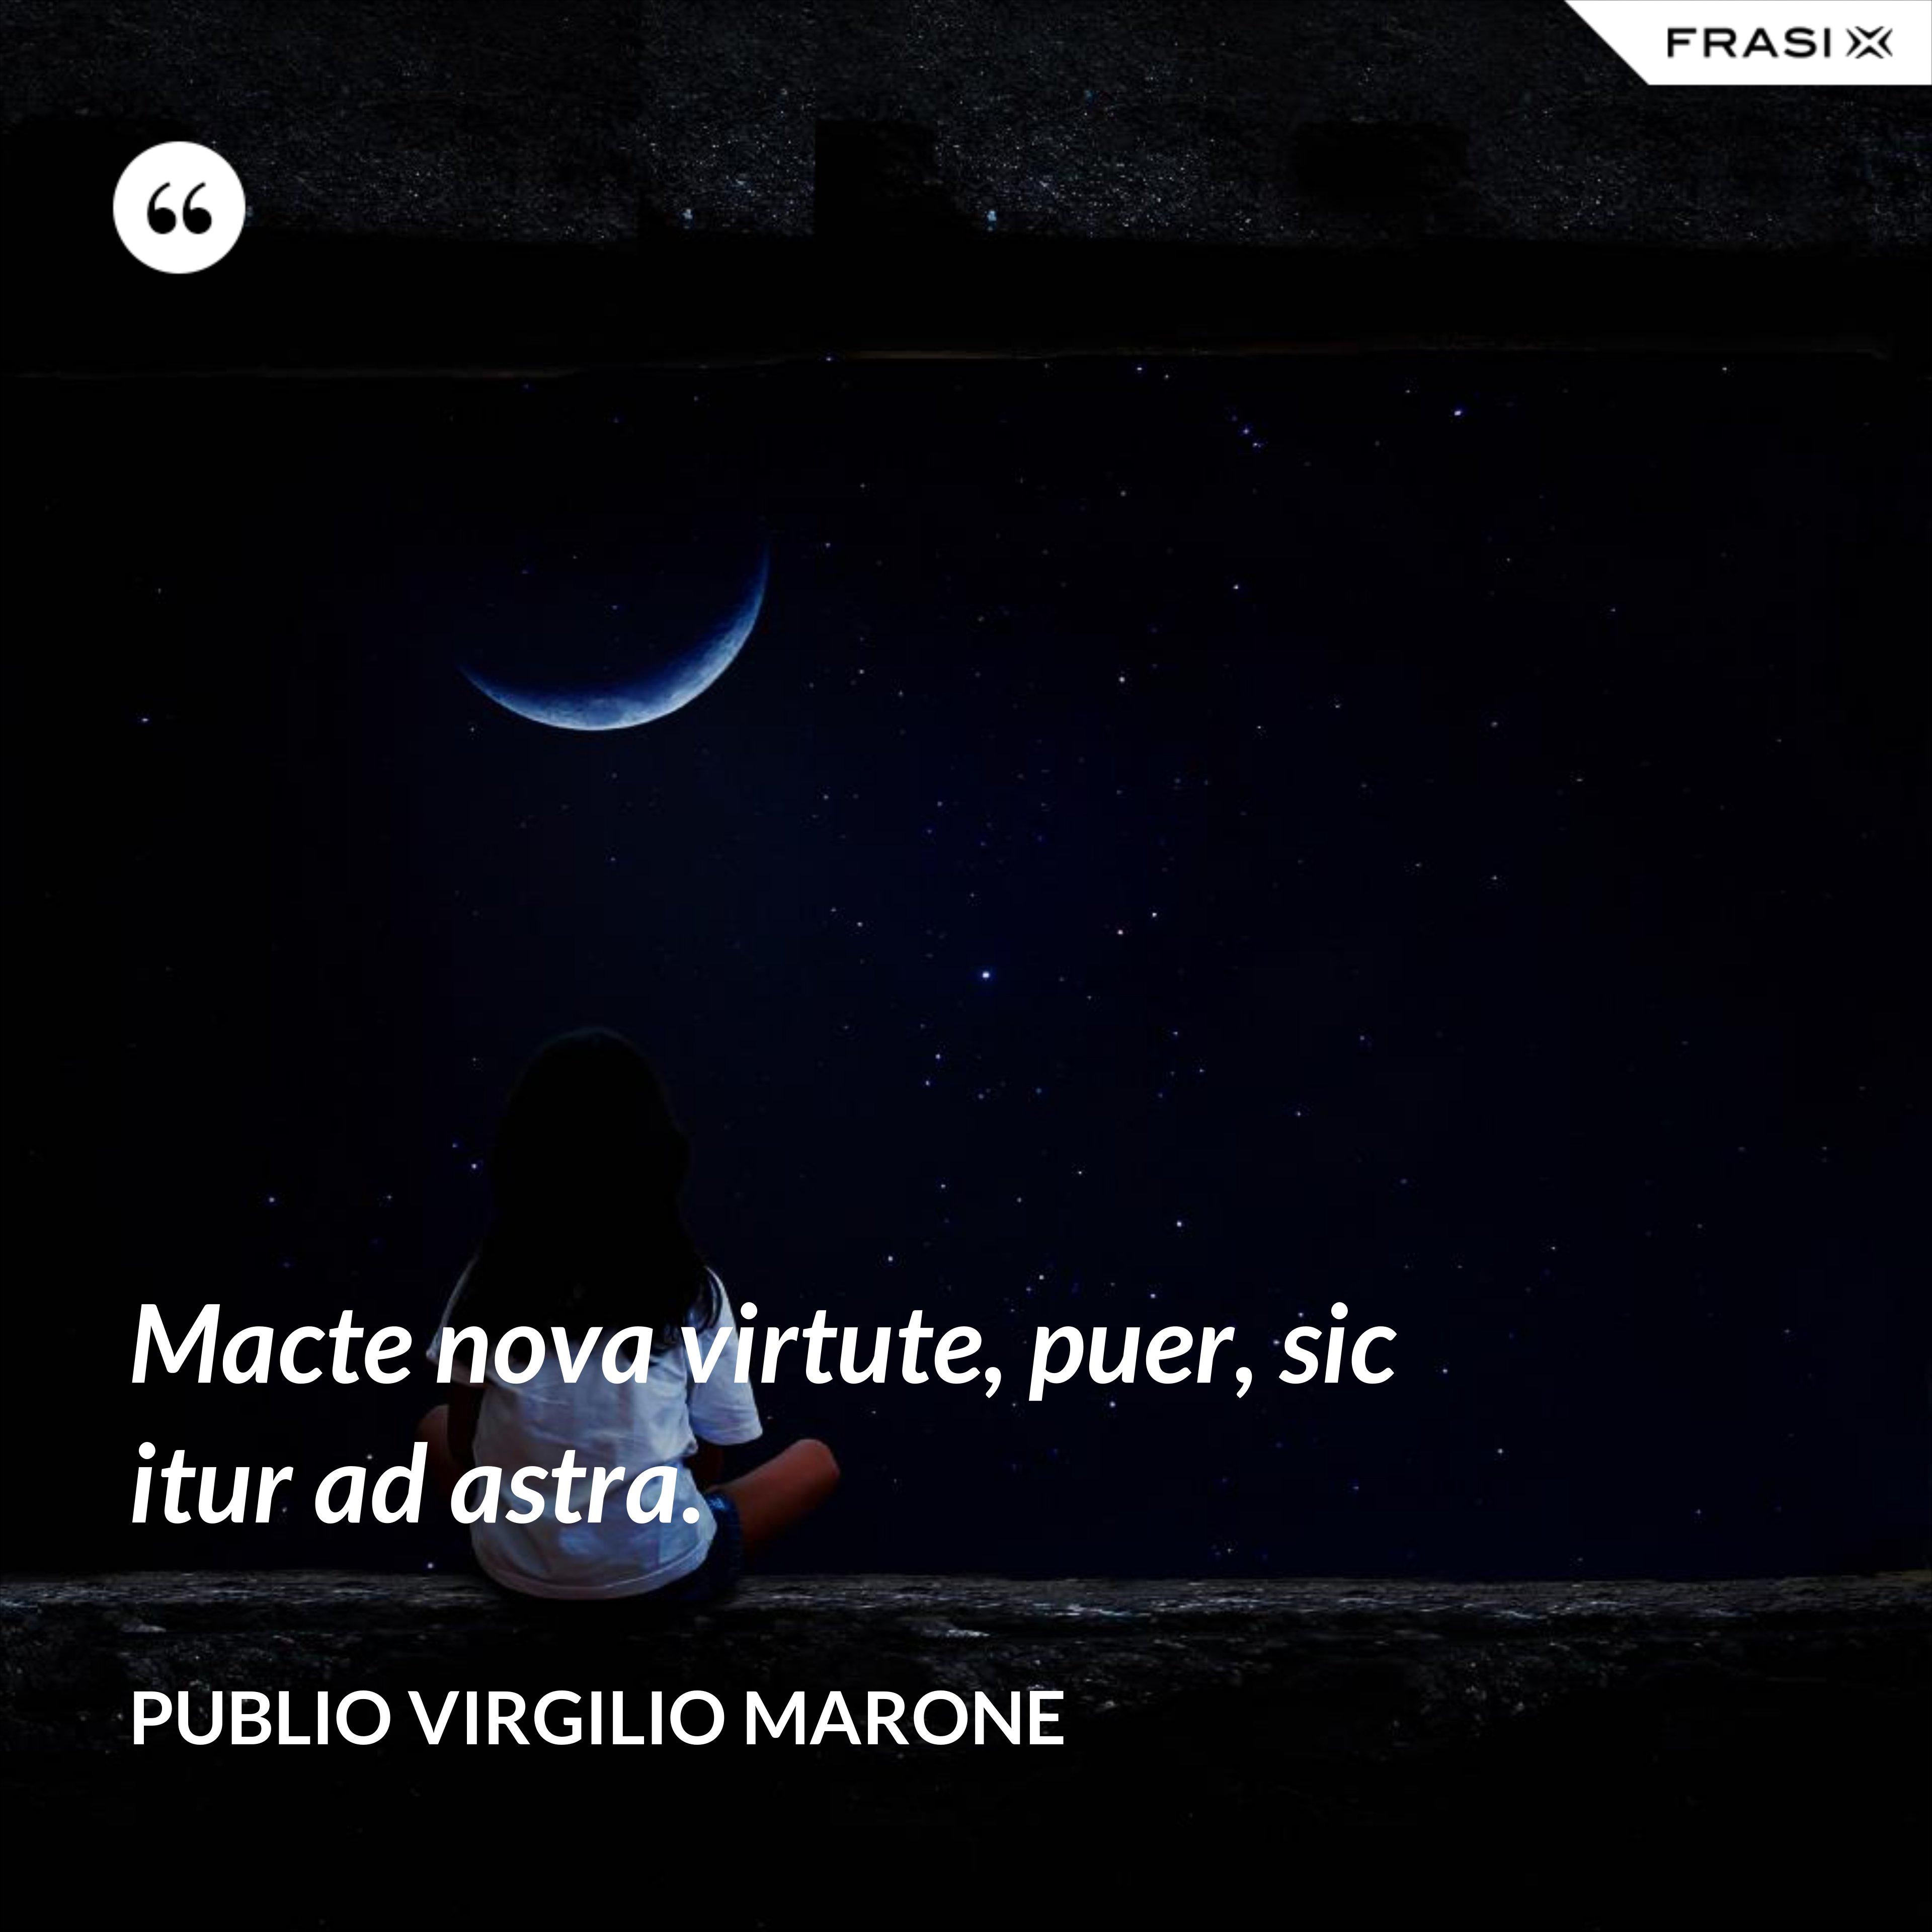 Macte nova virtute, puer, sic itur ad astra. - Publio Virgilio Marone